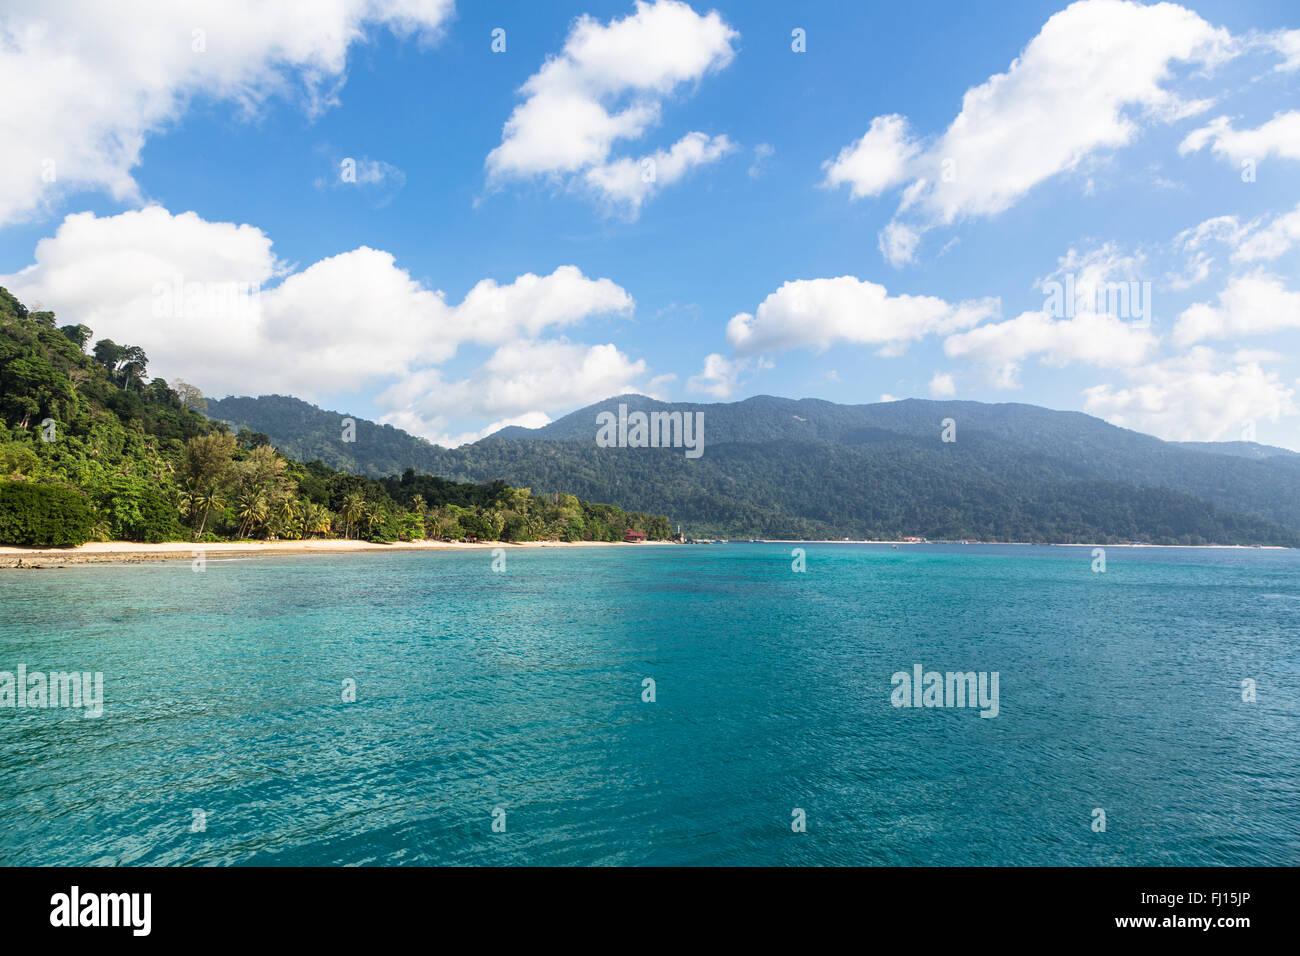 La isla de Tioman es un sorprendente isla tropical en la costa oriental de la península de Malasia. Imagen De Stock